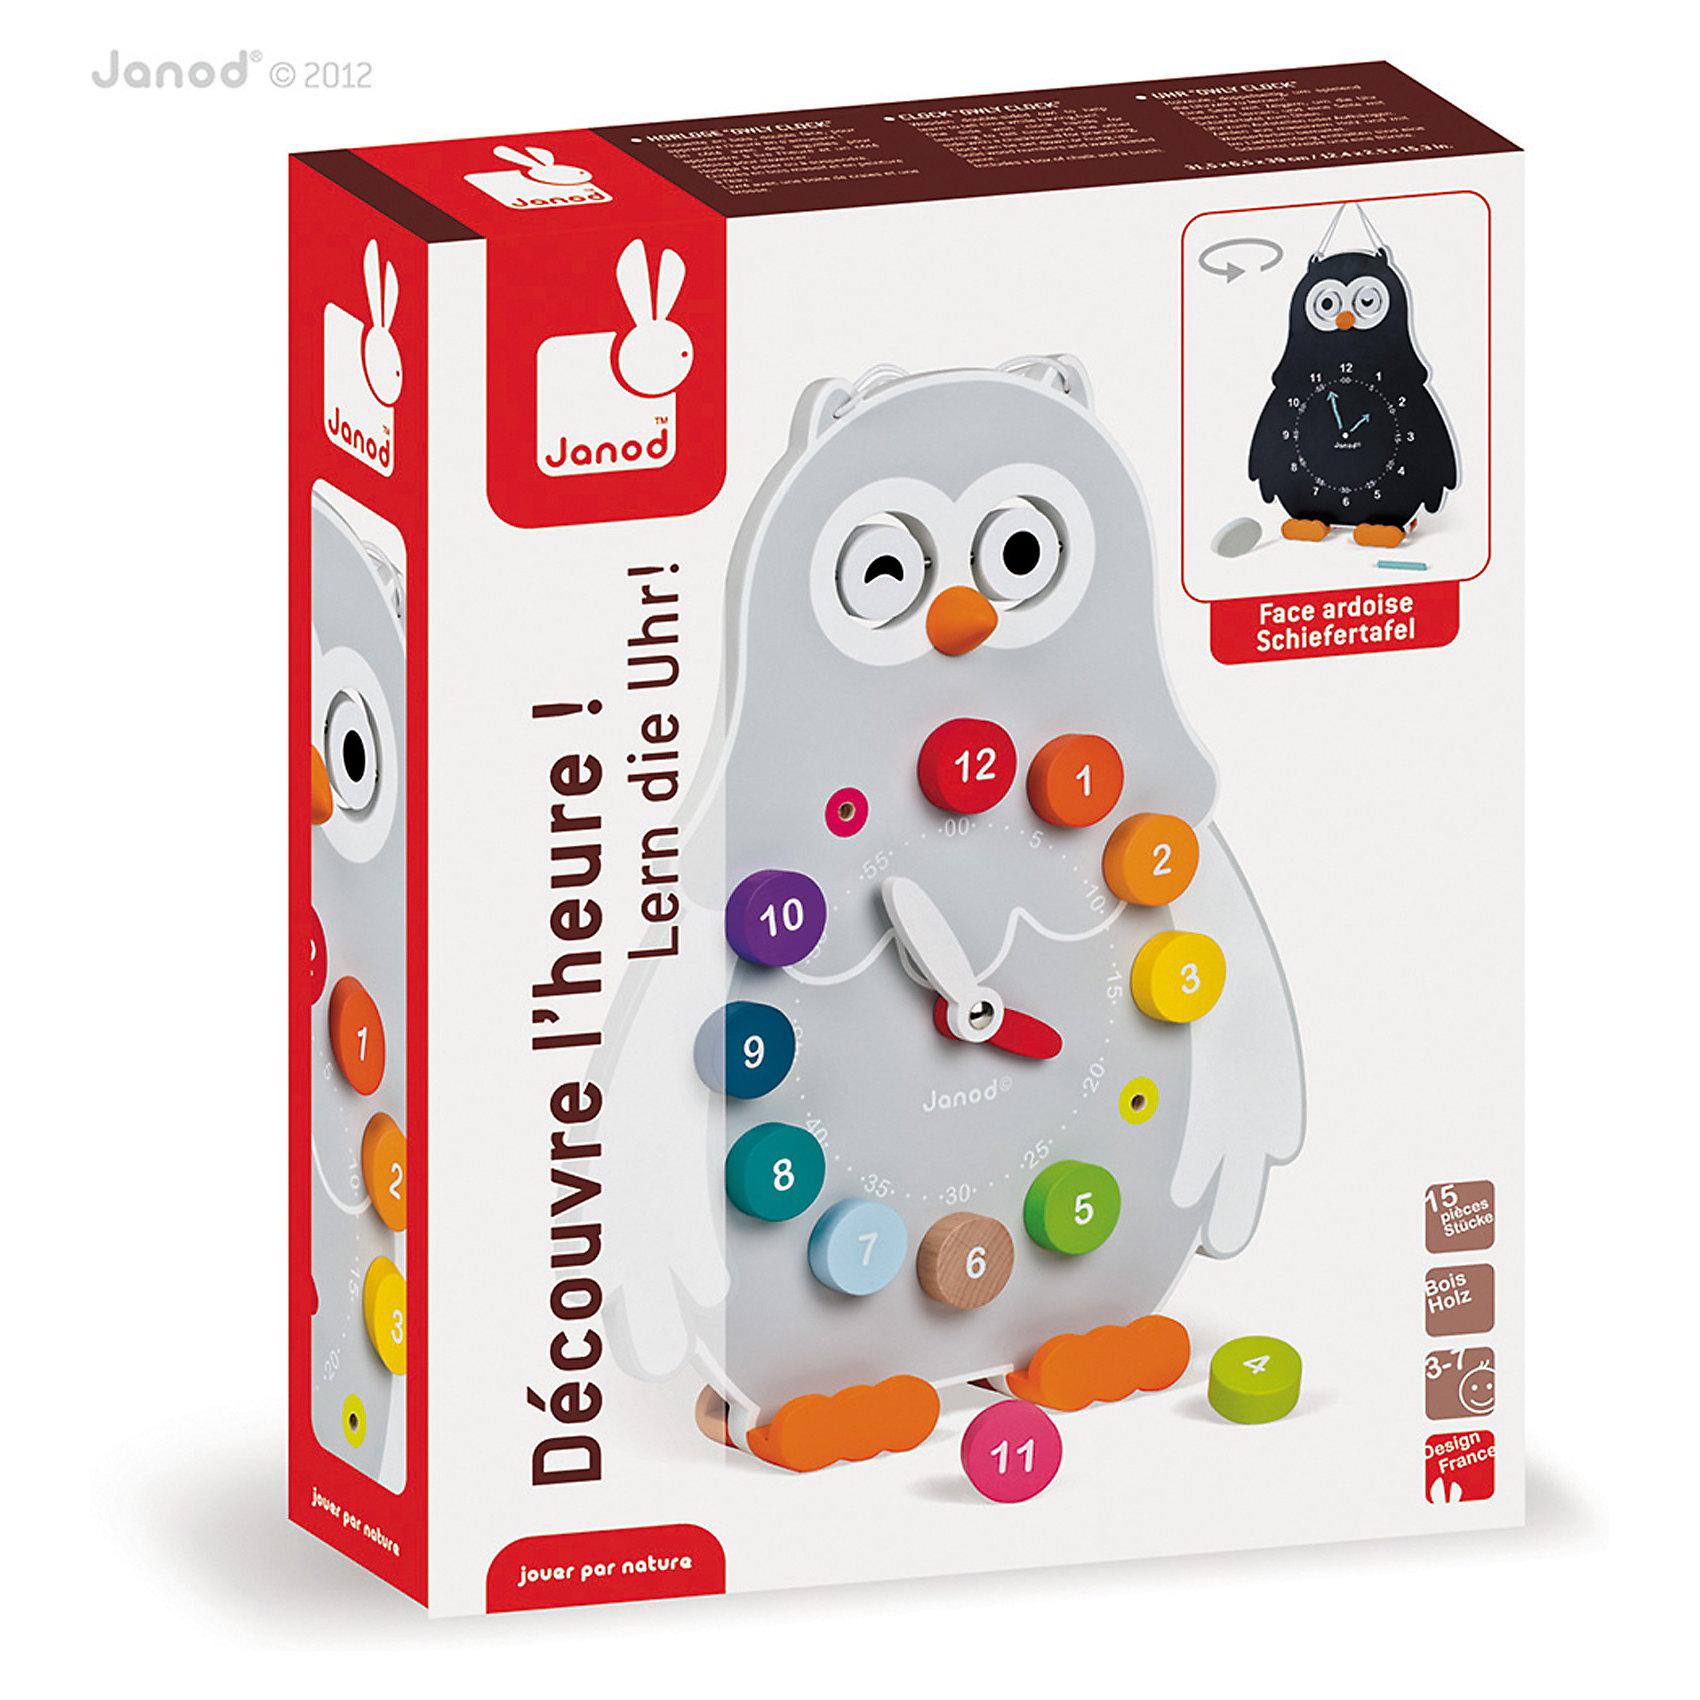 Часы двусторонние Сова, JanodРазвивающие игрушки<br>Забавные яркие часы - отличный способ развивать творческие способности ребенка в игровой форме. Игрушка развивает также мелкую моторику, художественный вкус, воображение, логическое мышление, цветовосприятие. Игра с часами надолго занимает детей и помогает увлекательно провести время!<br>Игрушка сделана в виде совы с циферблатом и стрелками, к ней прилагаются детали разных  цветов с цифрами, благодаря чему малыш будет учиться узнавать время и цвета. Игра разработана опытными специалистами, сделана из высококачественных материалов, безопасных для детей.<br><br>Дополнительная информация:<br><br>материал: дерево;<br>размер: 320 х 6,5 х 39 см.<br><br>Часы двусторонние Сова от компании Janod можно купить в нашем магазине.<br><br>Ширина мм: 406<br>Глубина мм: 324<br>Высота мм: 88<br>Вес г: 1184<br>Возраст от месяцев: 36<br>Возраст до месяцев: 55<br>Пол: Унисекс<br>Возраст: Детский<br>SKU: 3219295